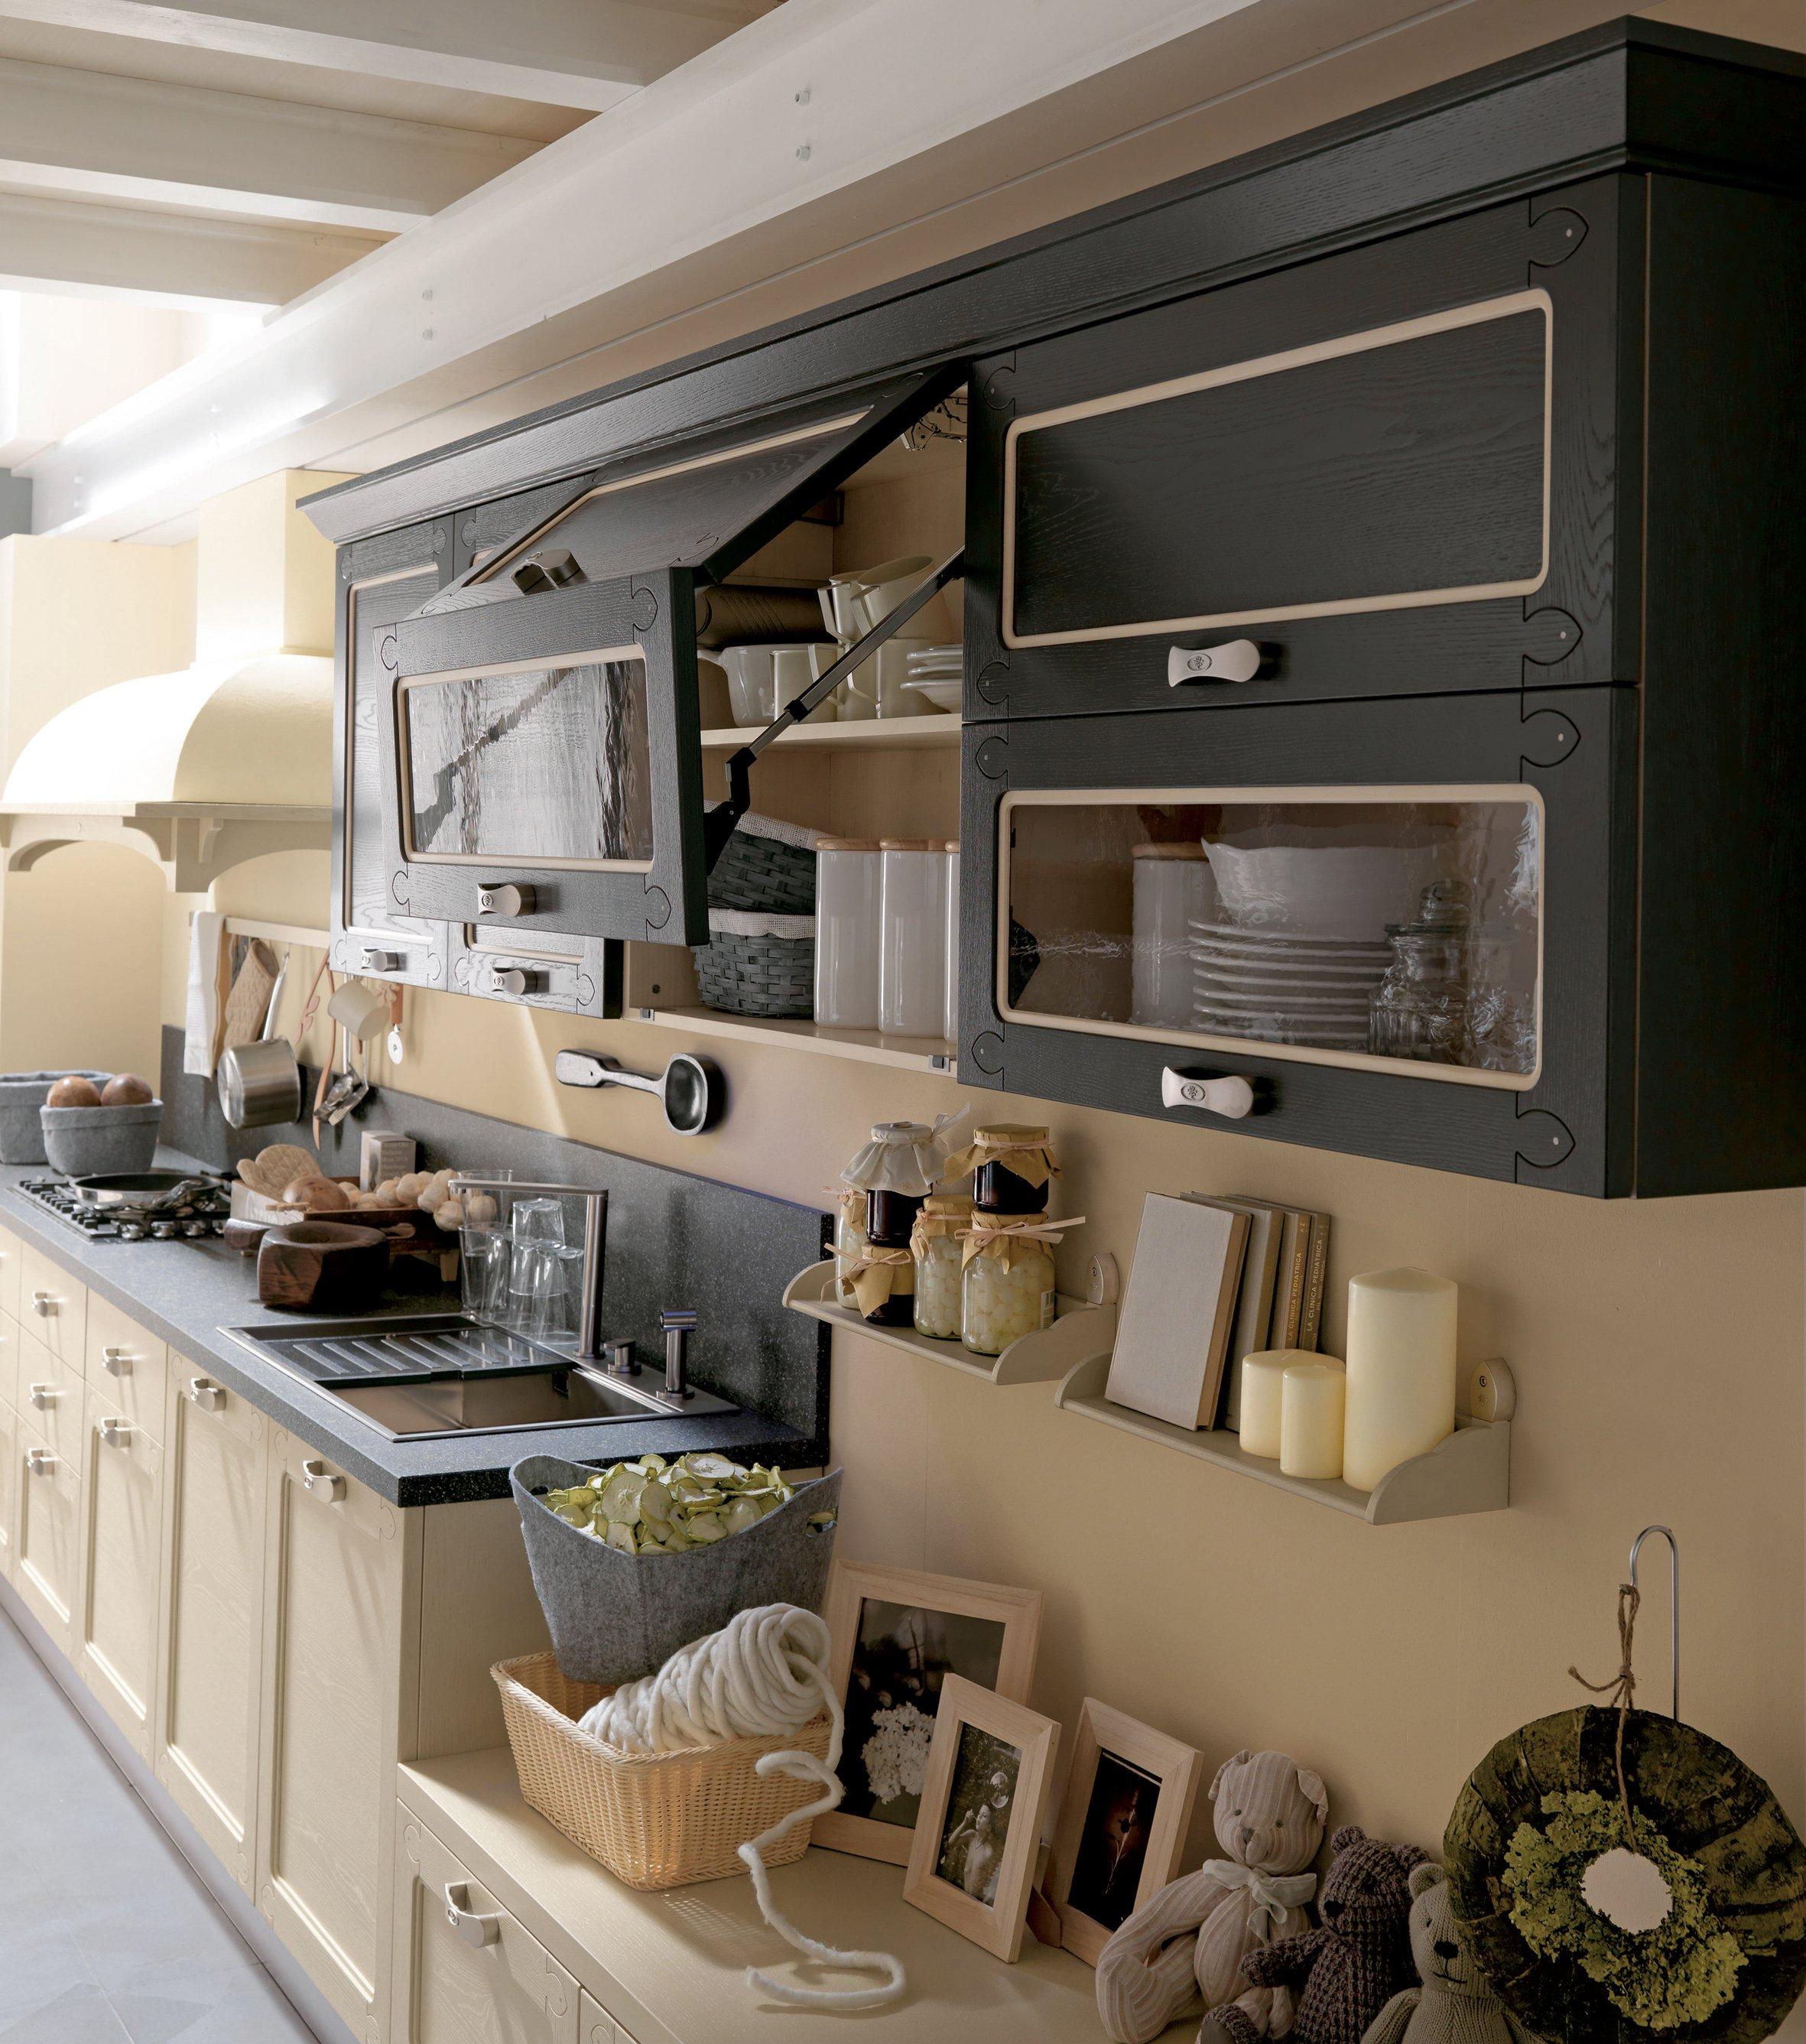 Cucine vani a vista coi pensili in vetro cose di casa - Profondita pensili cucina ...